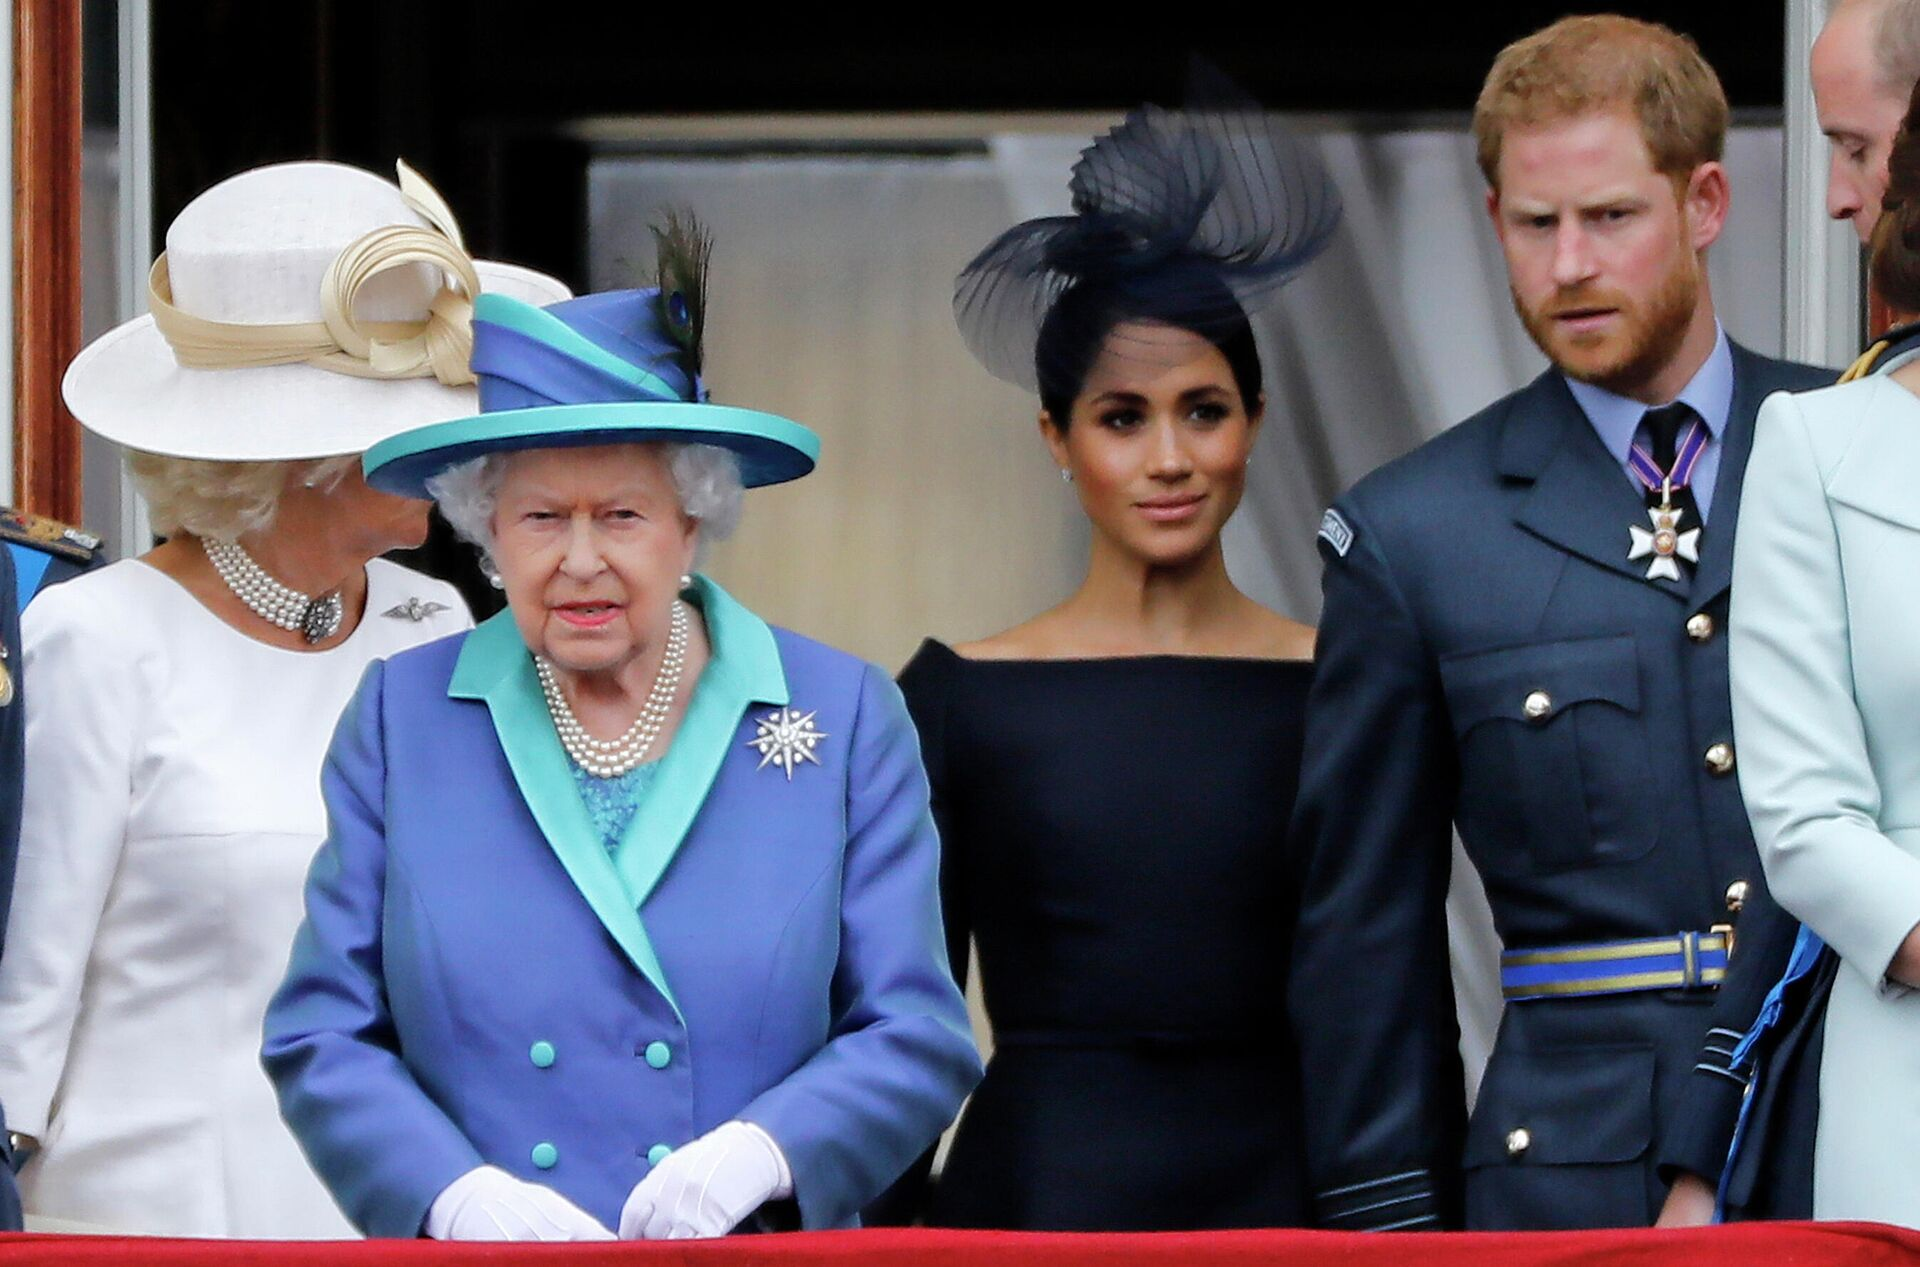 Королева Великобритании Елизавета II и чета Меган Маркл и принц Гарри на балконе Букингемского дворца - РИА Новости, 1920, 10.12.2020